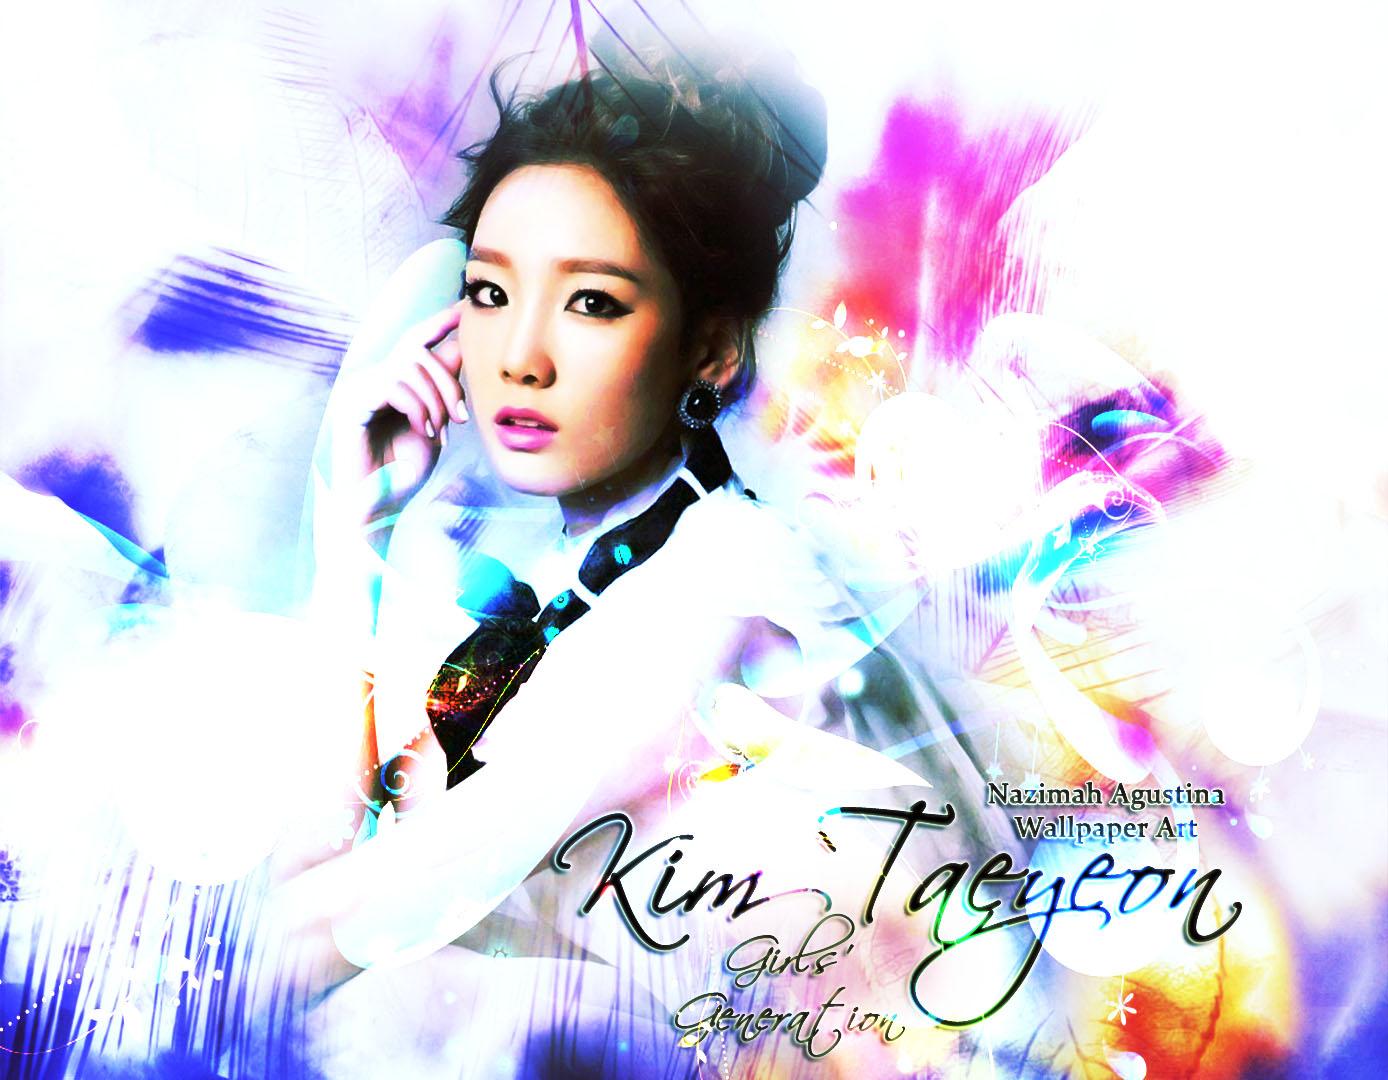 Na Kim Graphic Design